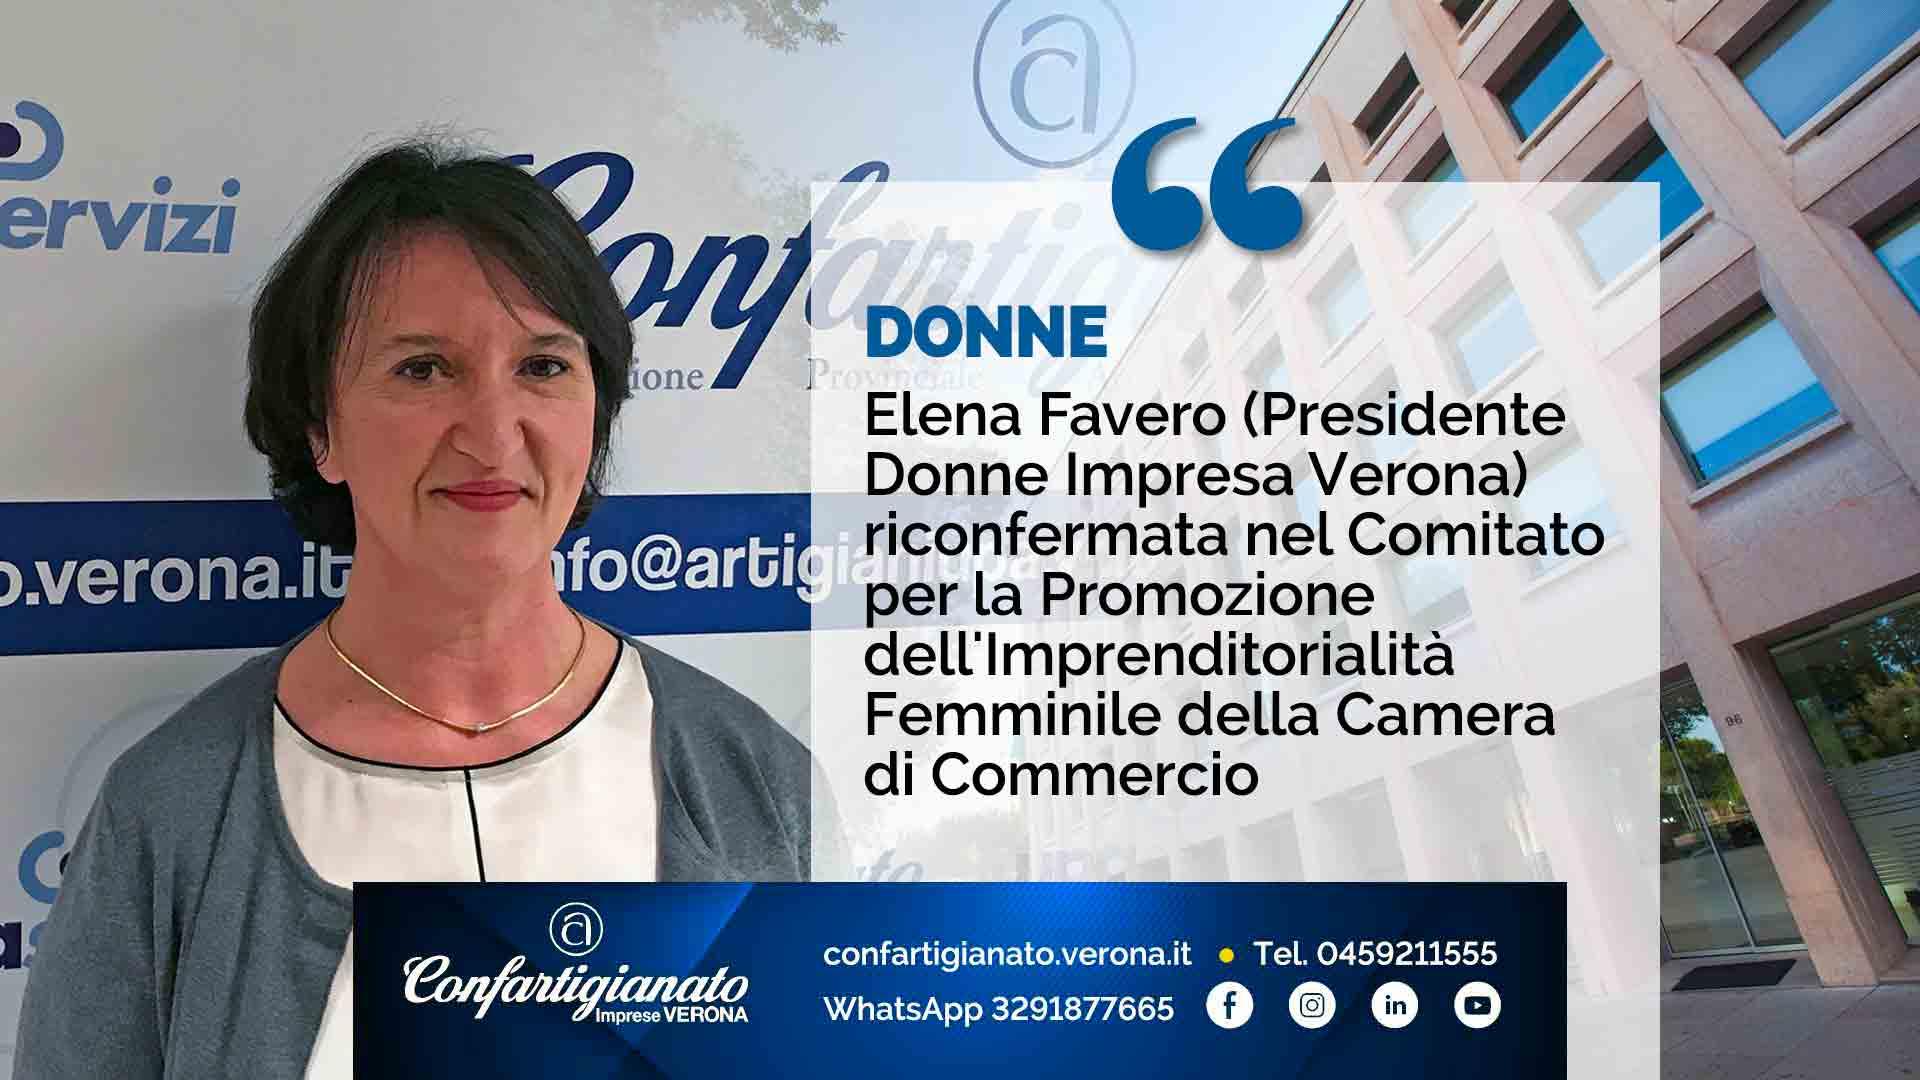 DONNE – Elena Favero riconfermata nel Comitato per la Promozione dell'Imprenditorialità Femminile della Camera di Commercio di Verona